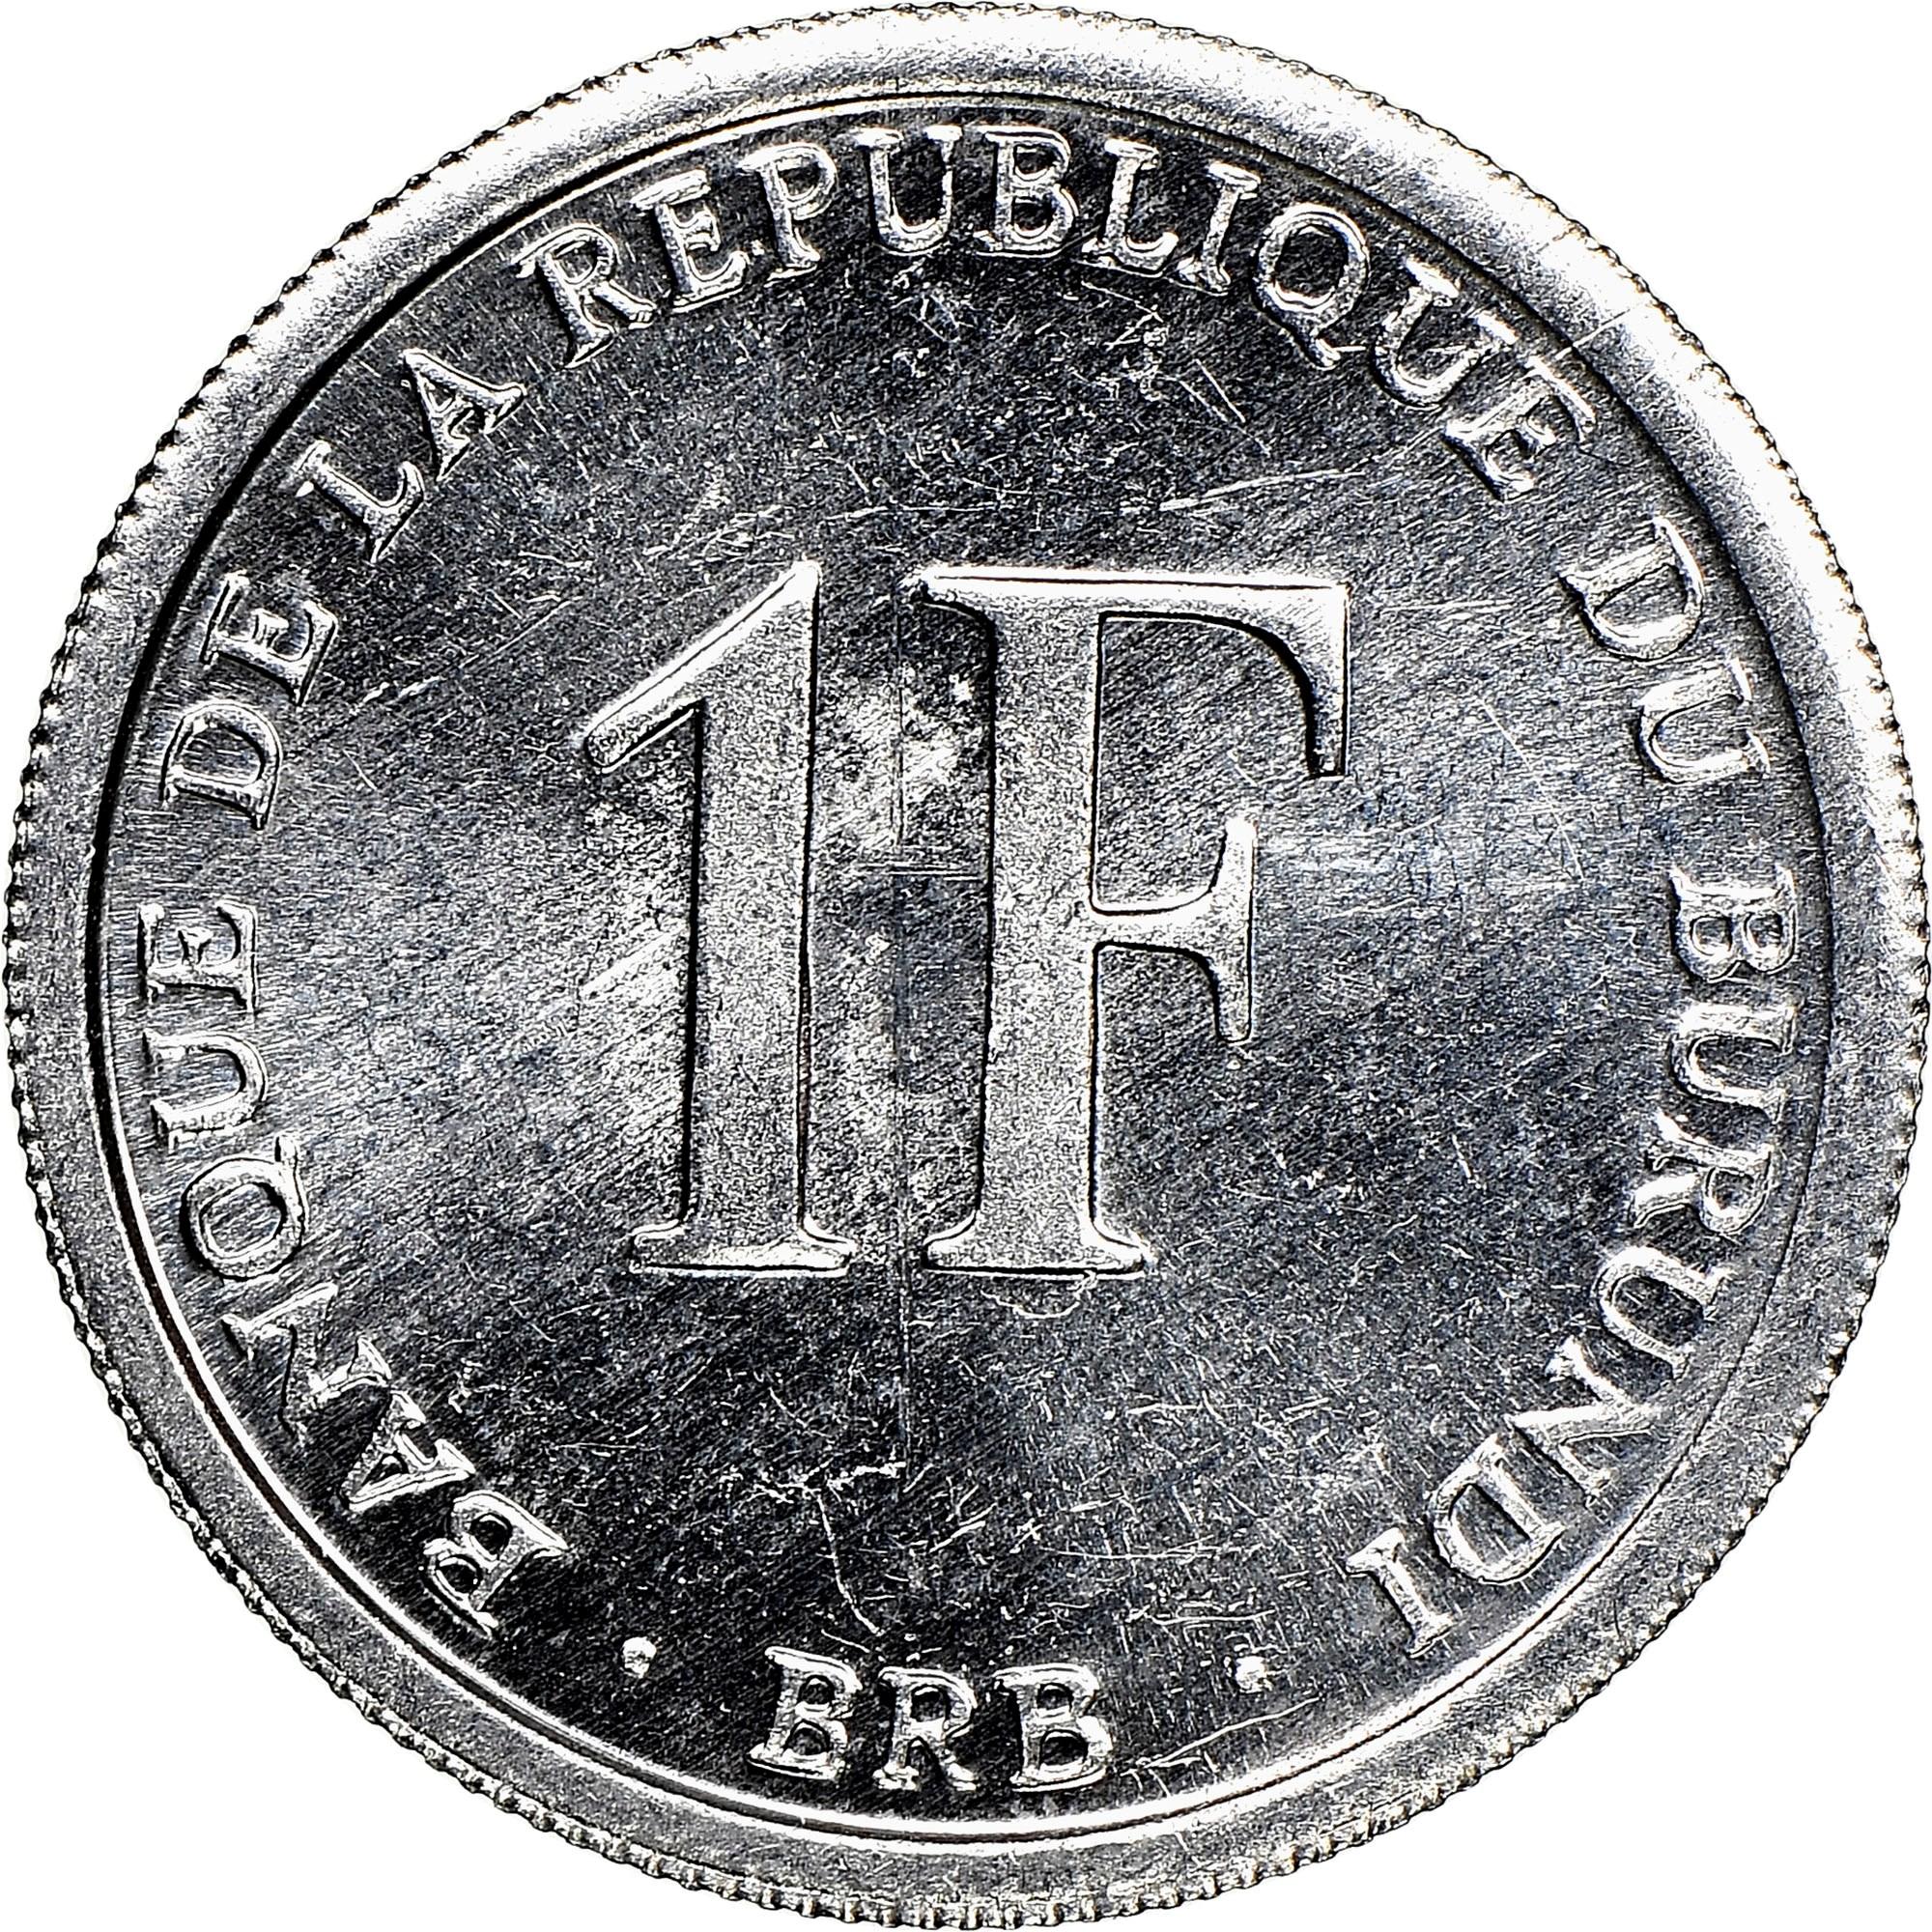 Burundi Franc obverse